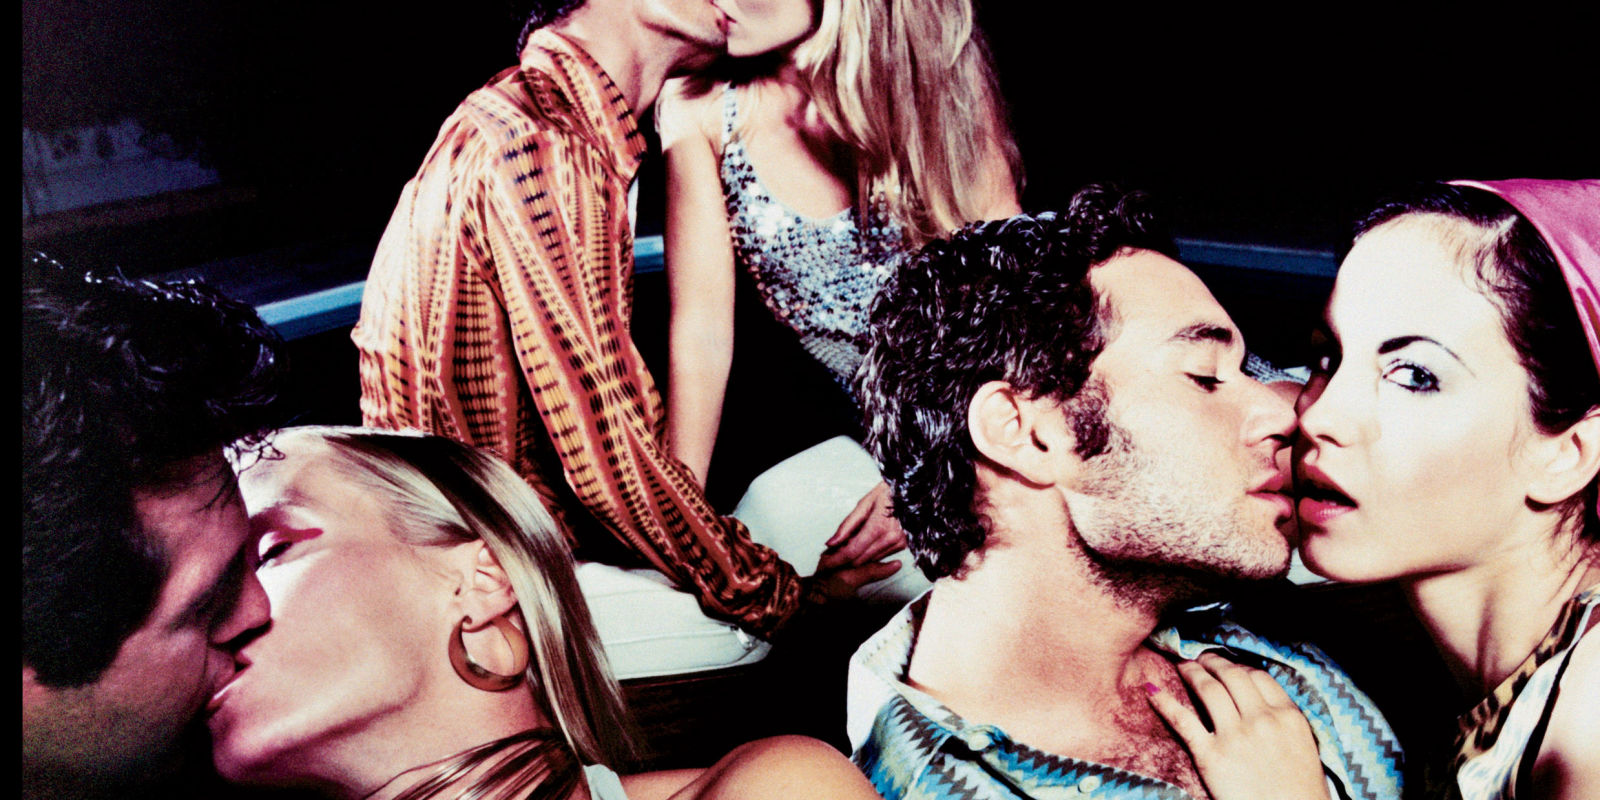 couples-swinger-website-femdom-york-pa